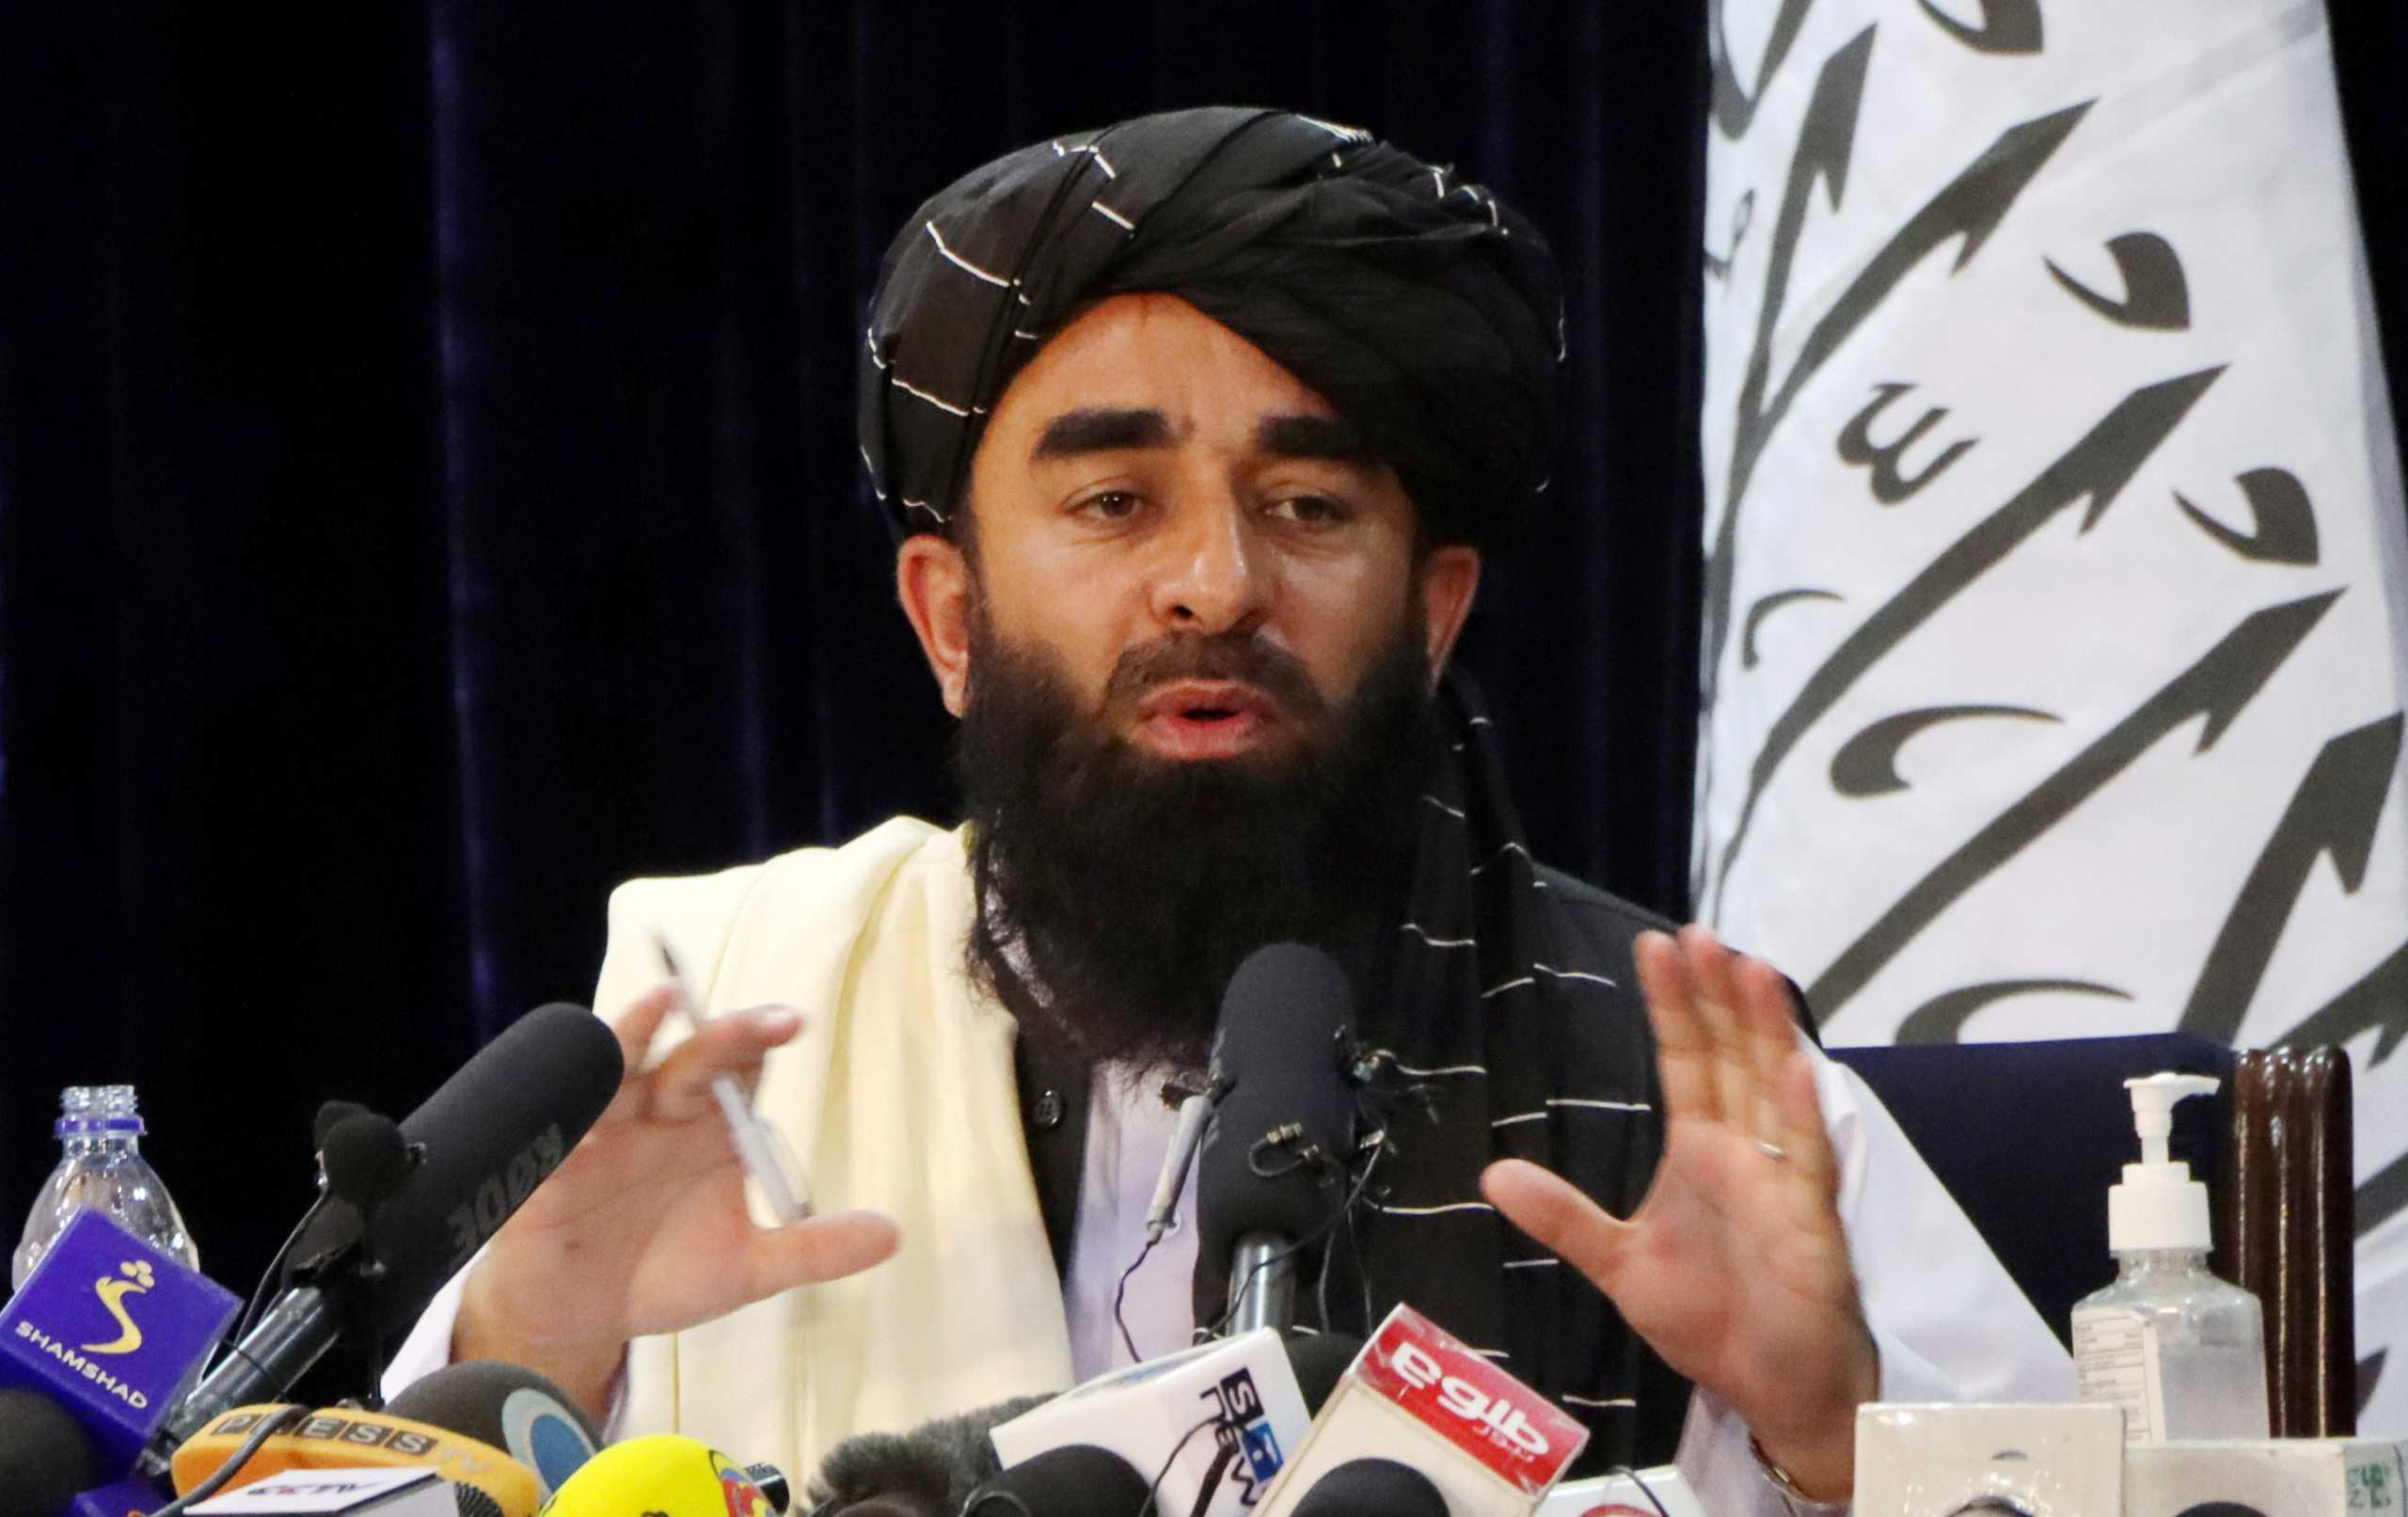 Αφγανιστάν: Οι Ταλιμπάν μπλοκάρουν σε Αφγανούς τον δρόμο για το αεροδρόμιο της Καμπούλ